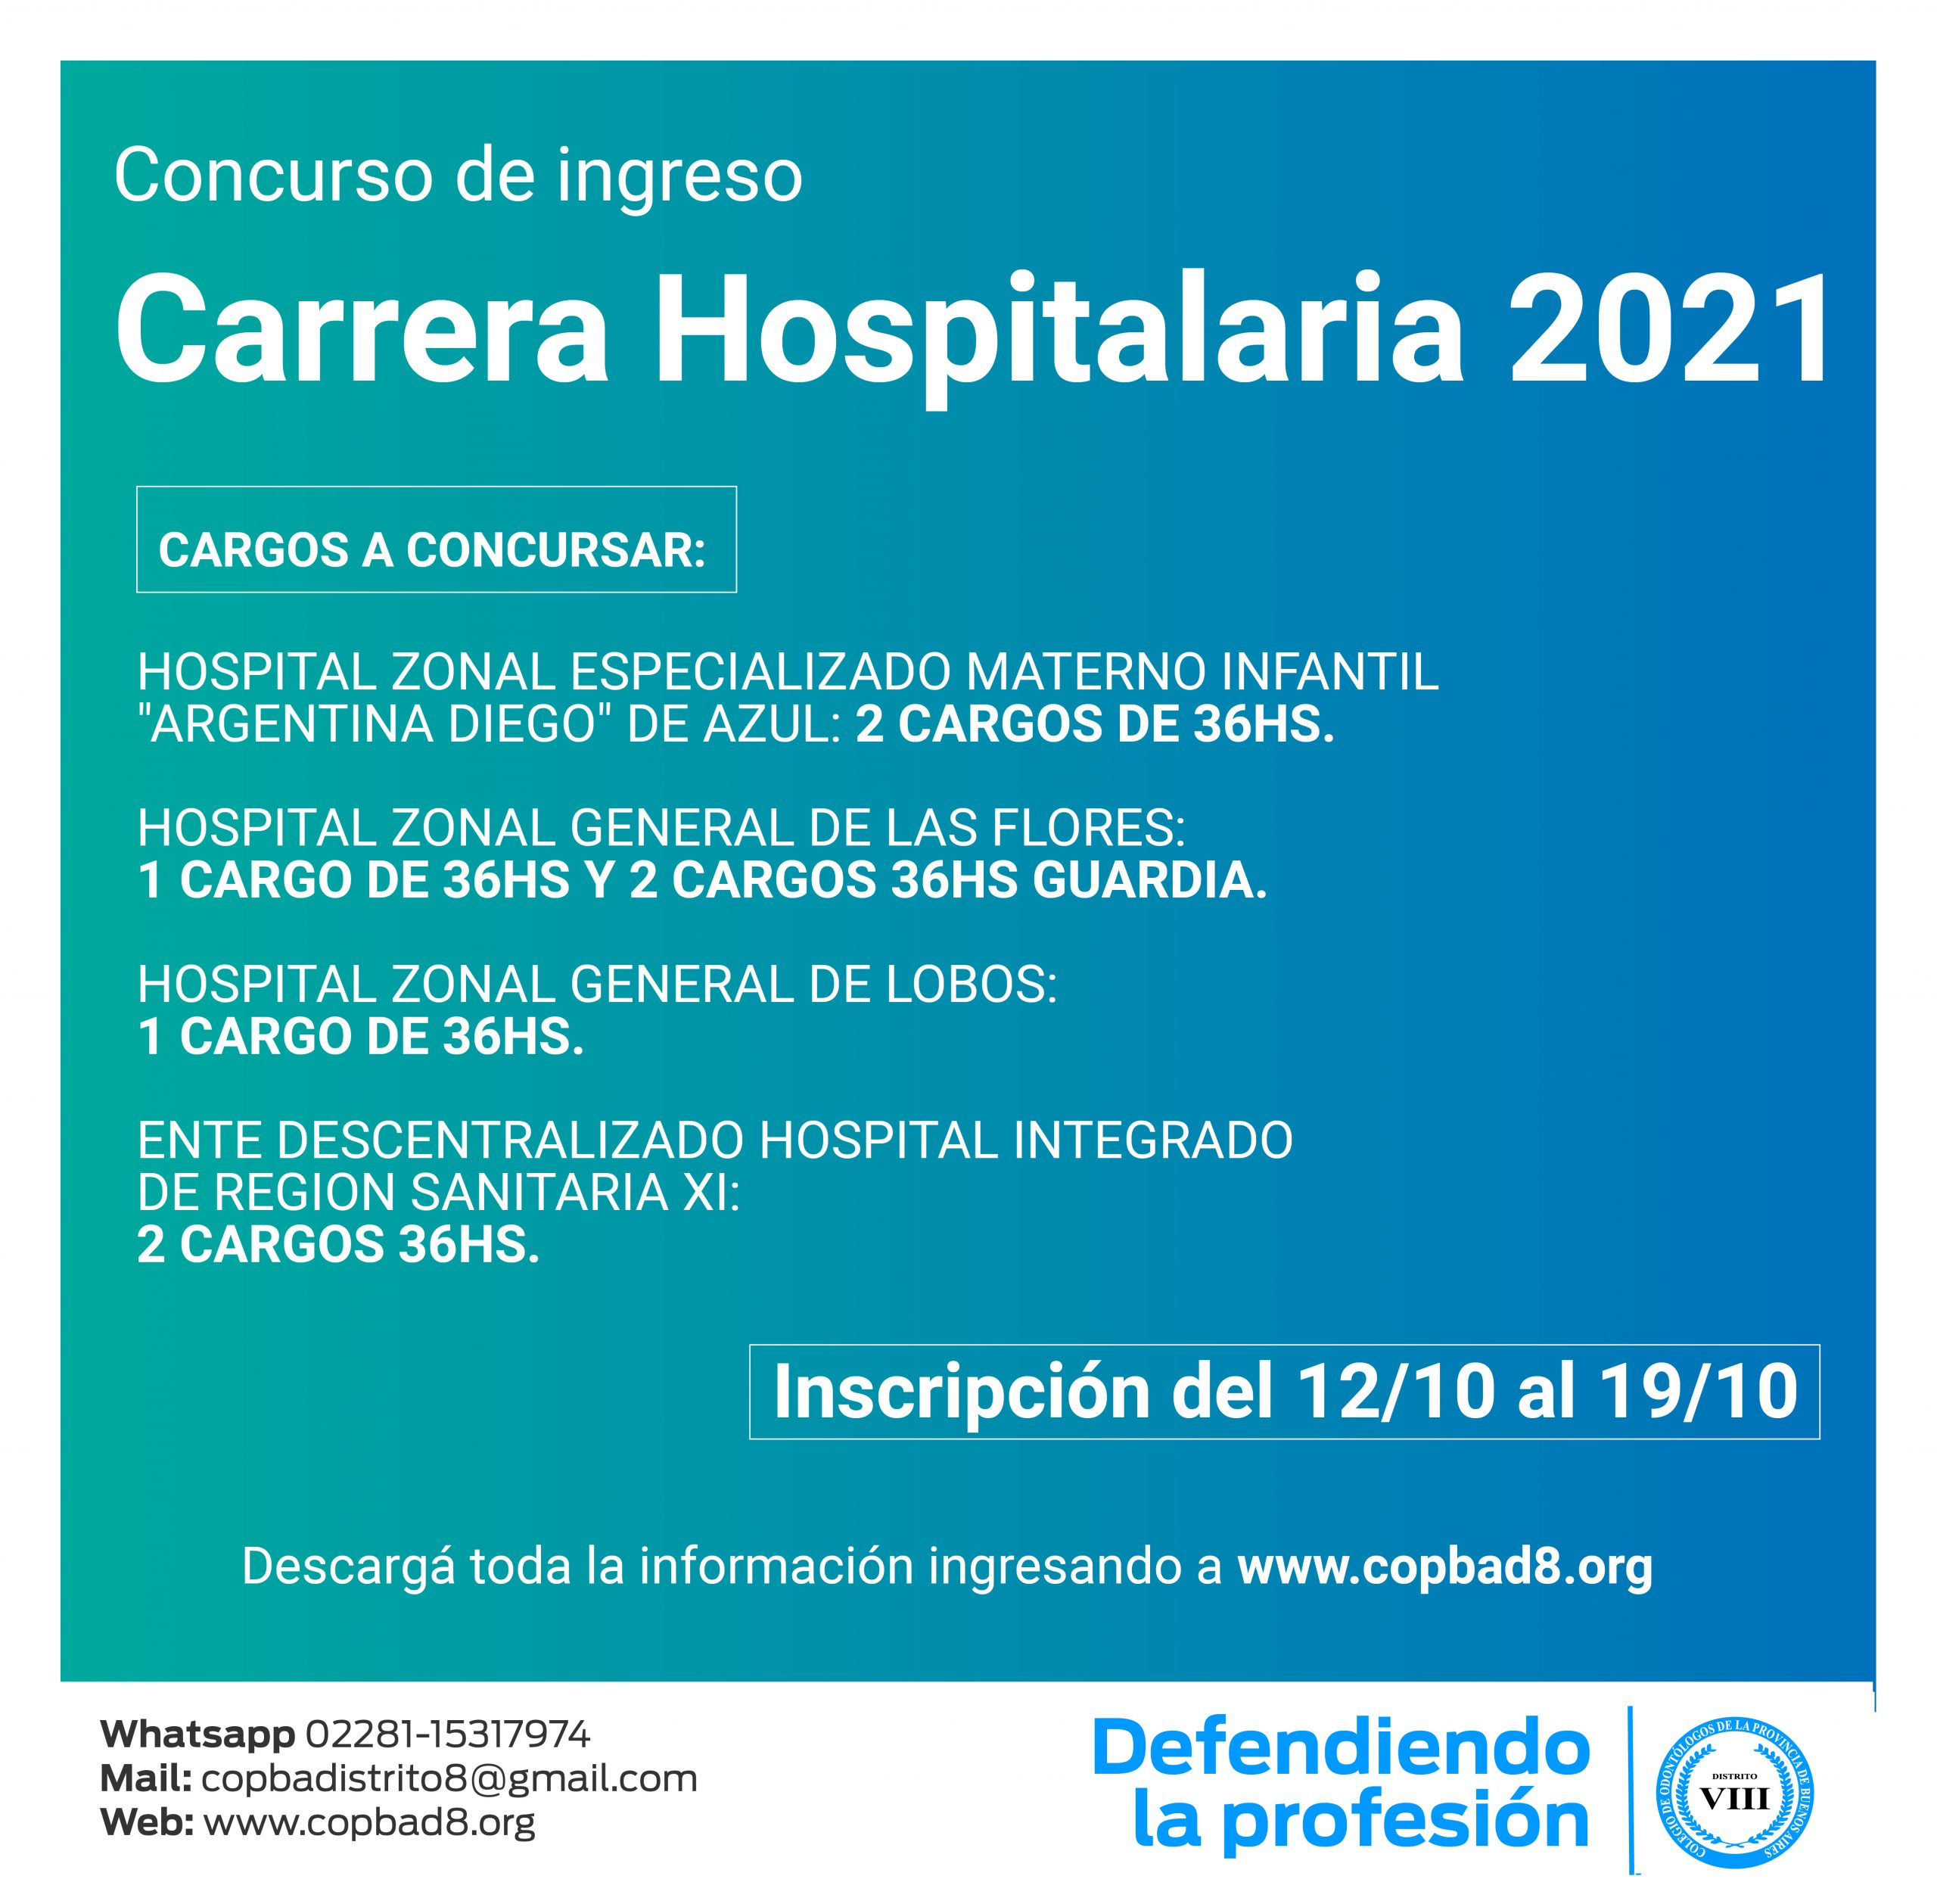 flyer carrera hospitalaria